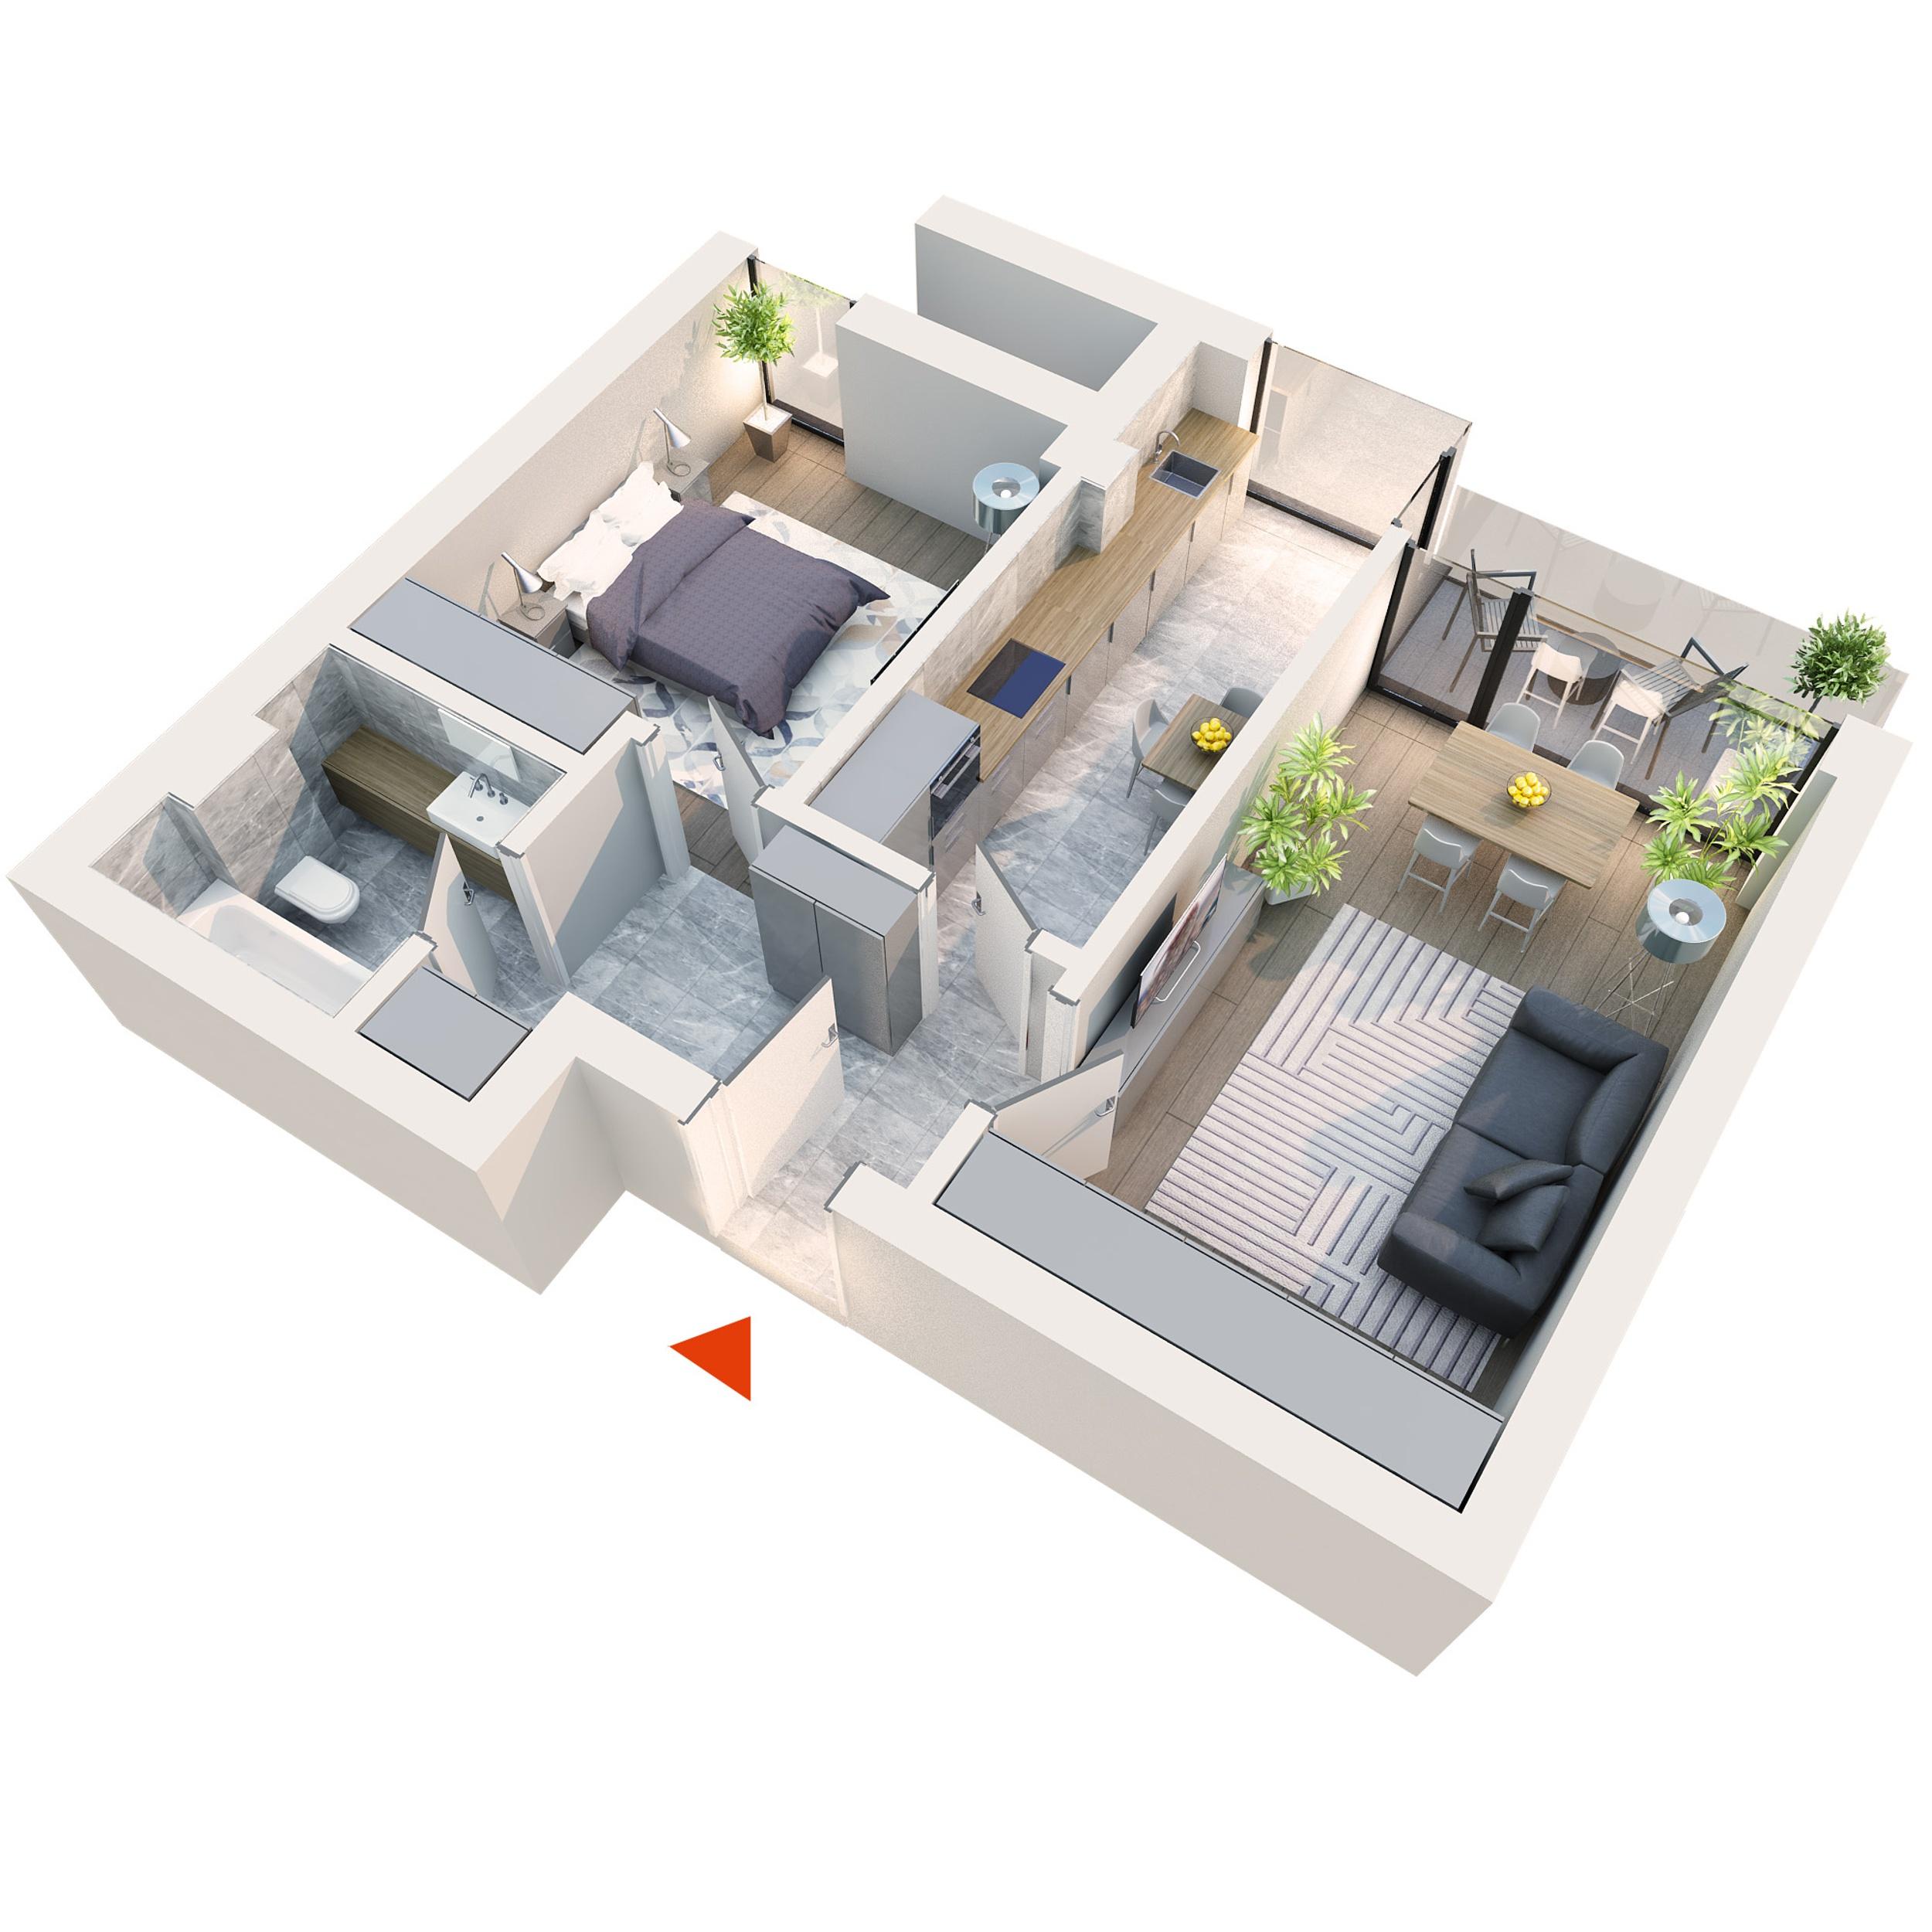 Apartament 2 camere tip 2B2 Logie | Etaj 1-3 | Corp C1, C6 | Faza 2